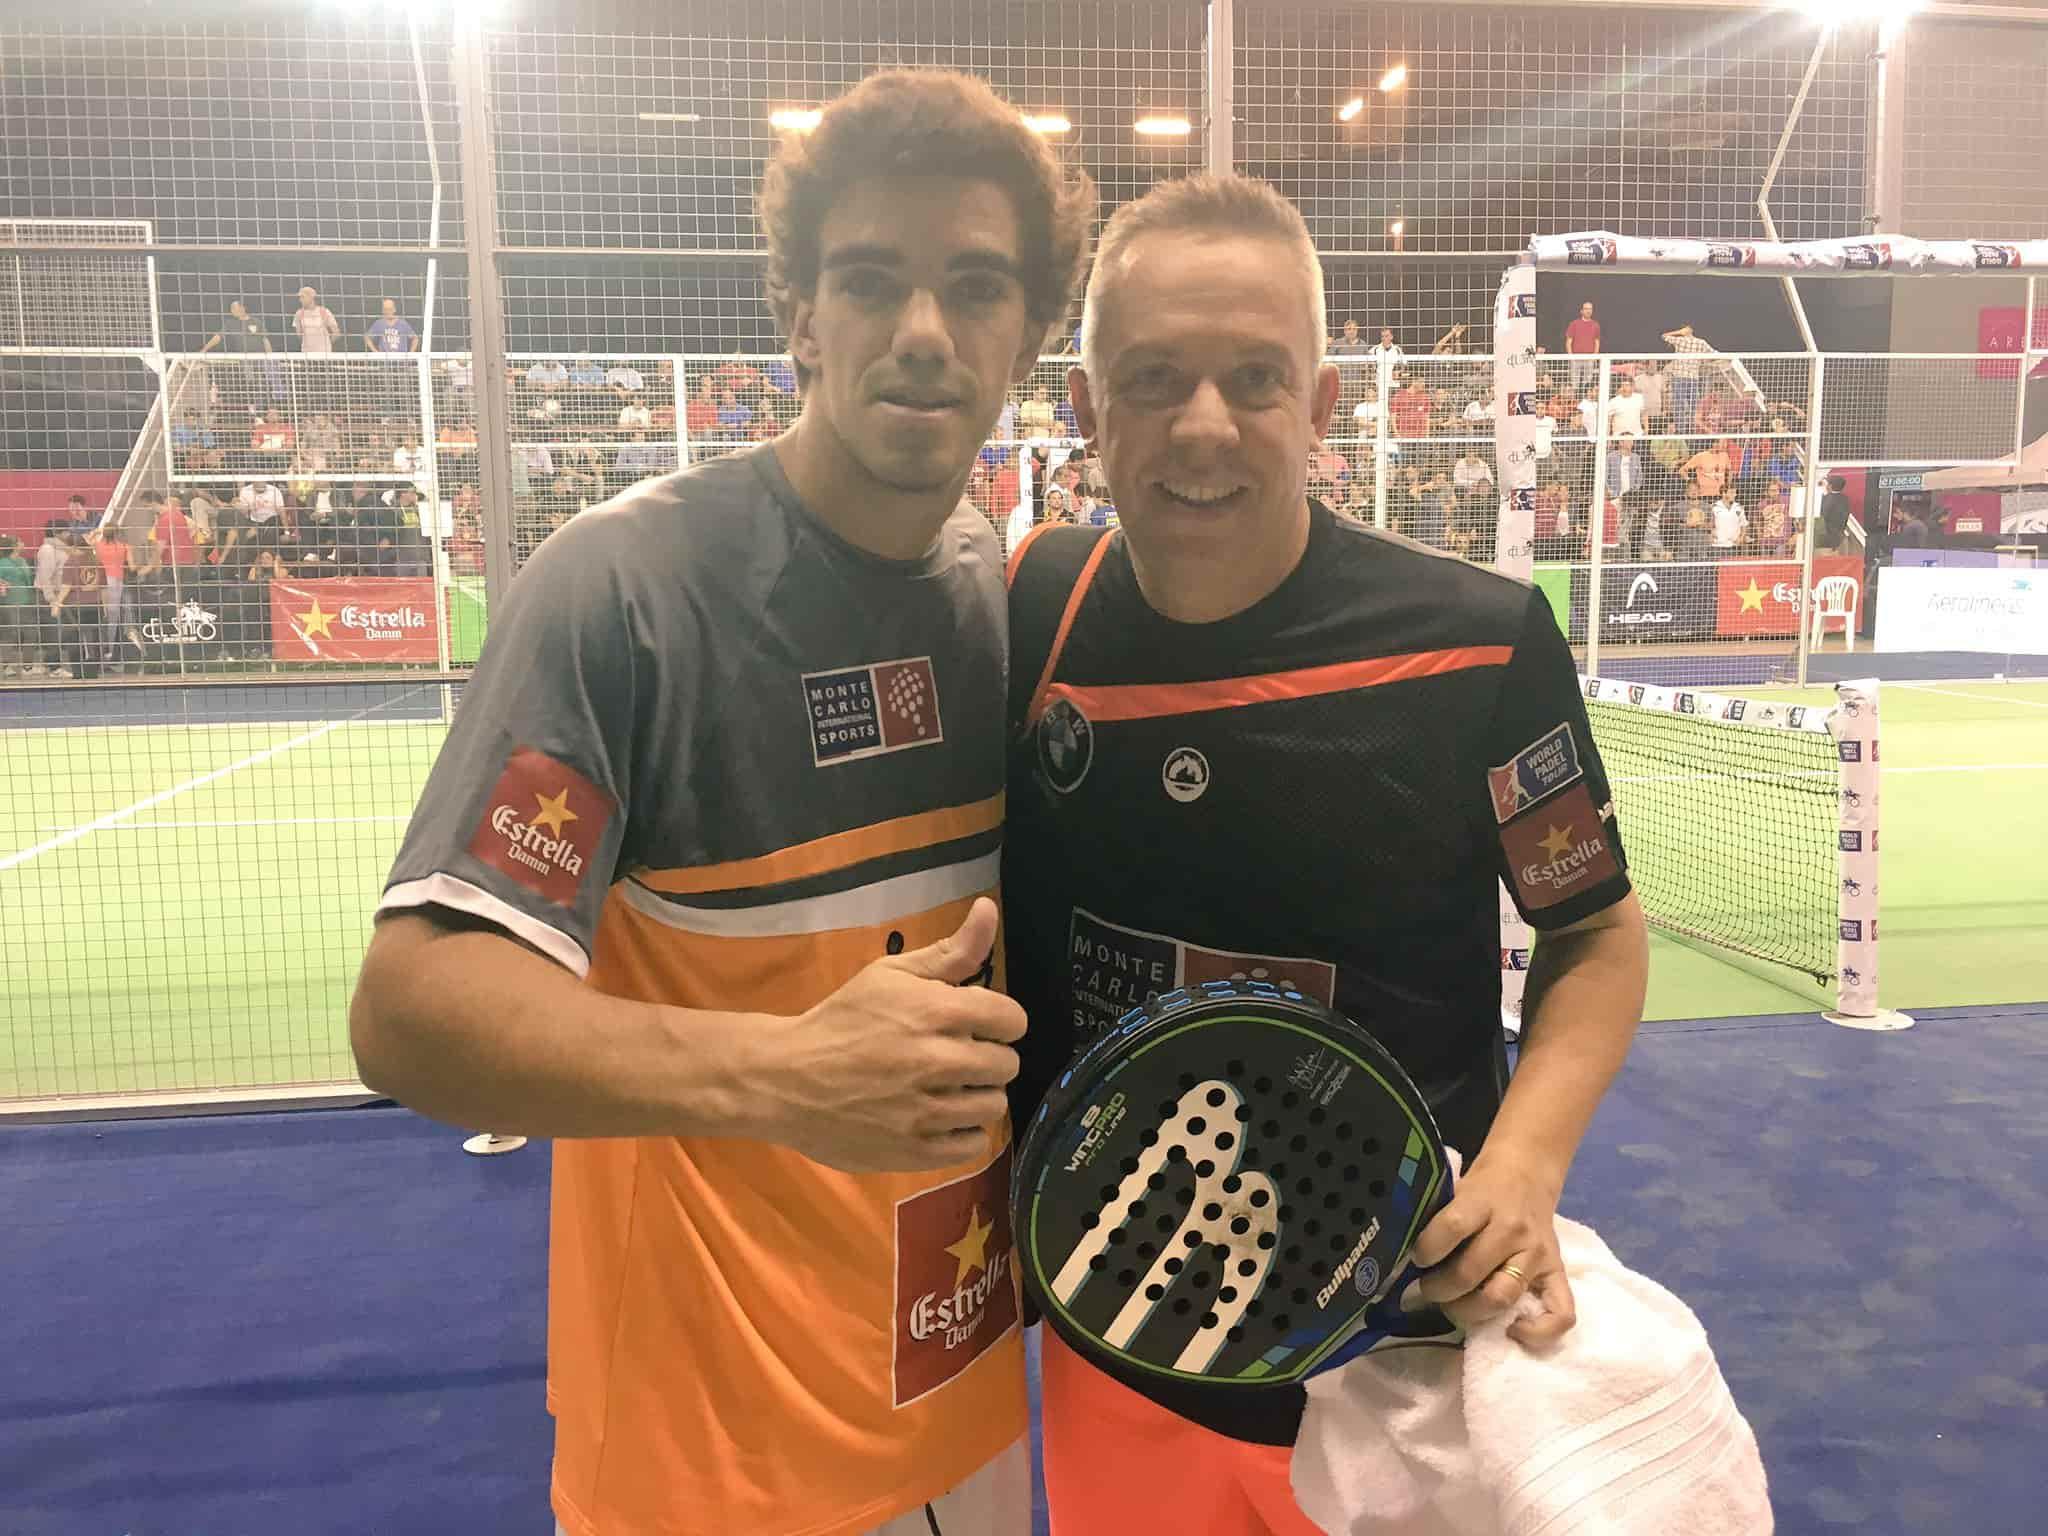 Juan Lebrón y Gaby Reca pelearán hoy por un hueco en semifinales